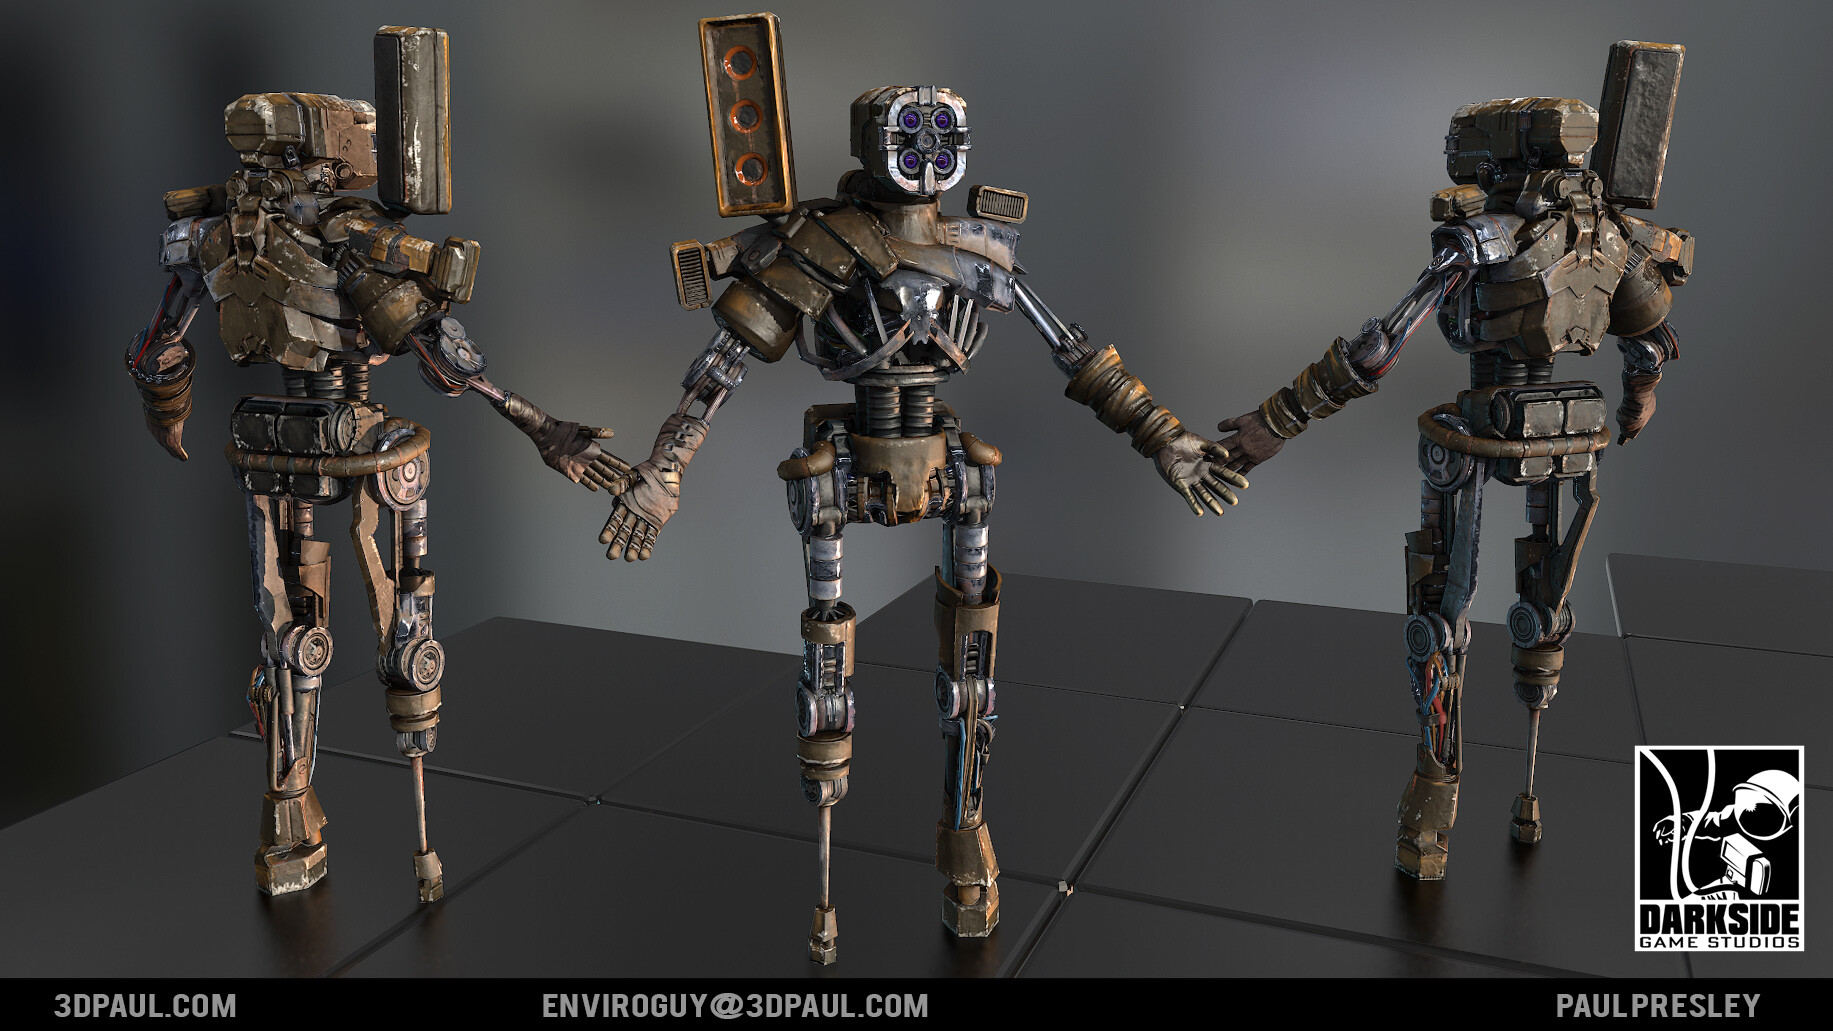 Paul presley bs robot 01